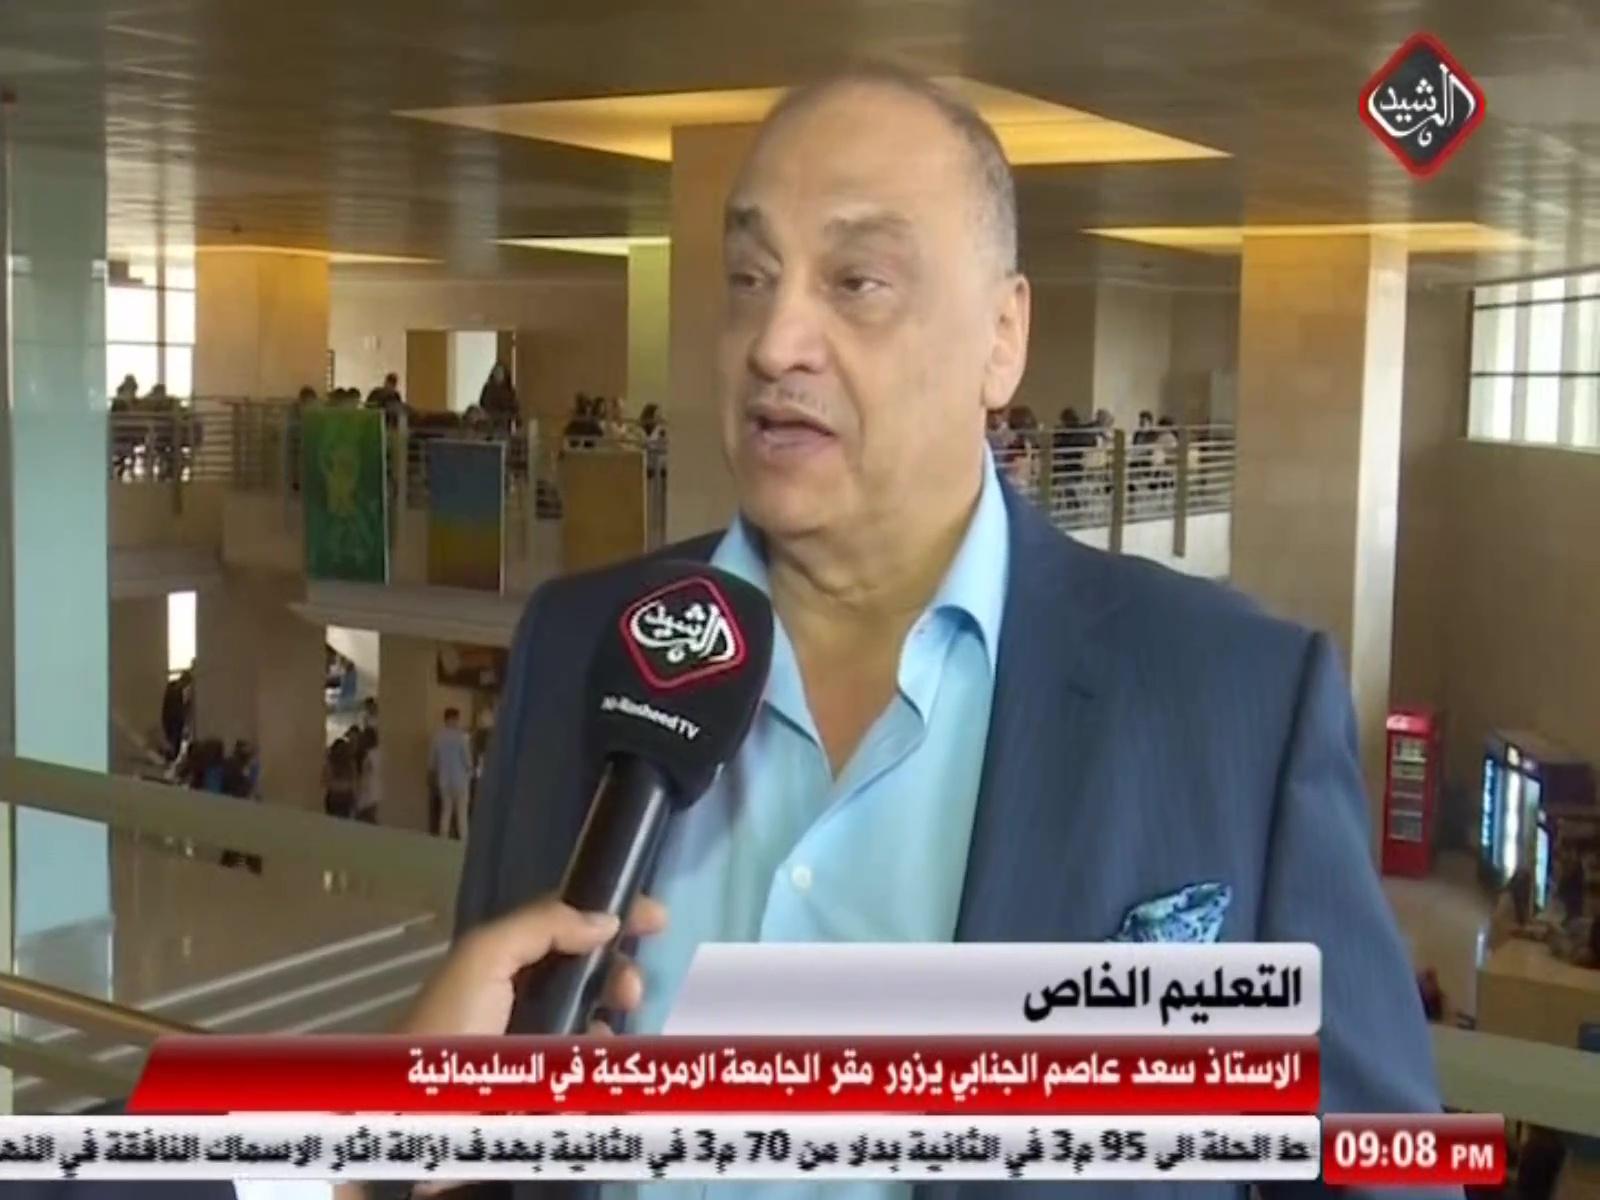 الاستاذ سعد عاصم الجنابي يزور مقر الجامعة الامريكية في السليمانية